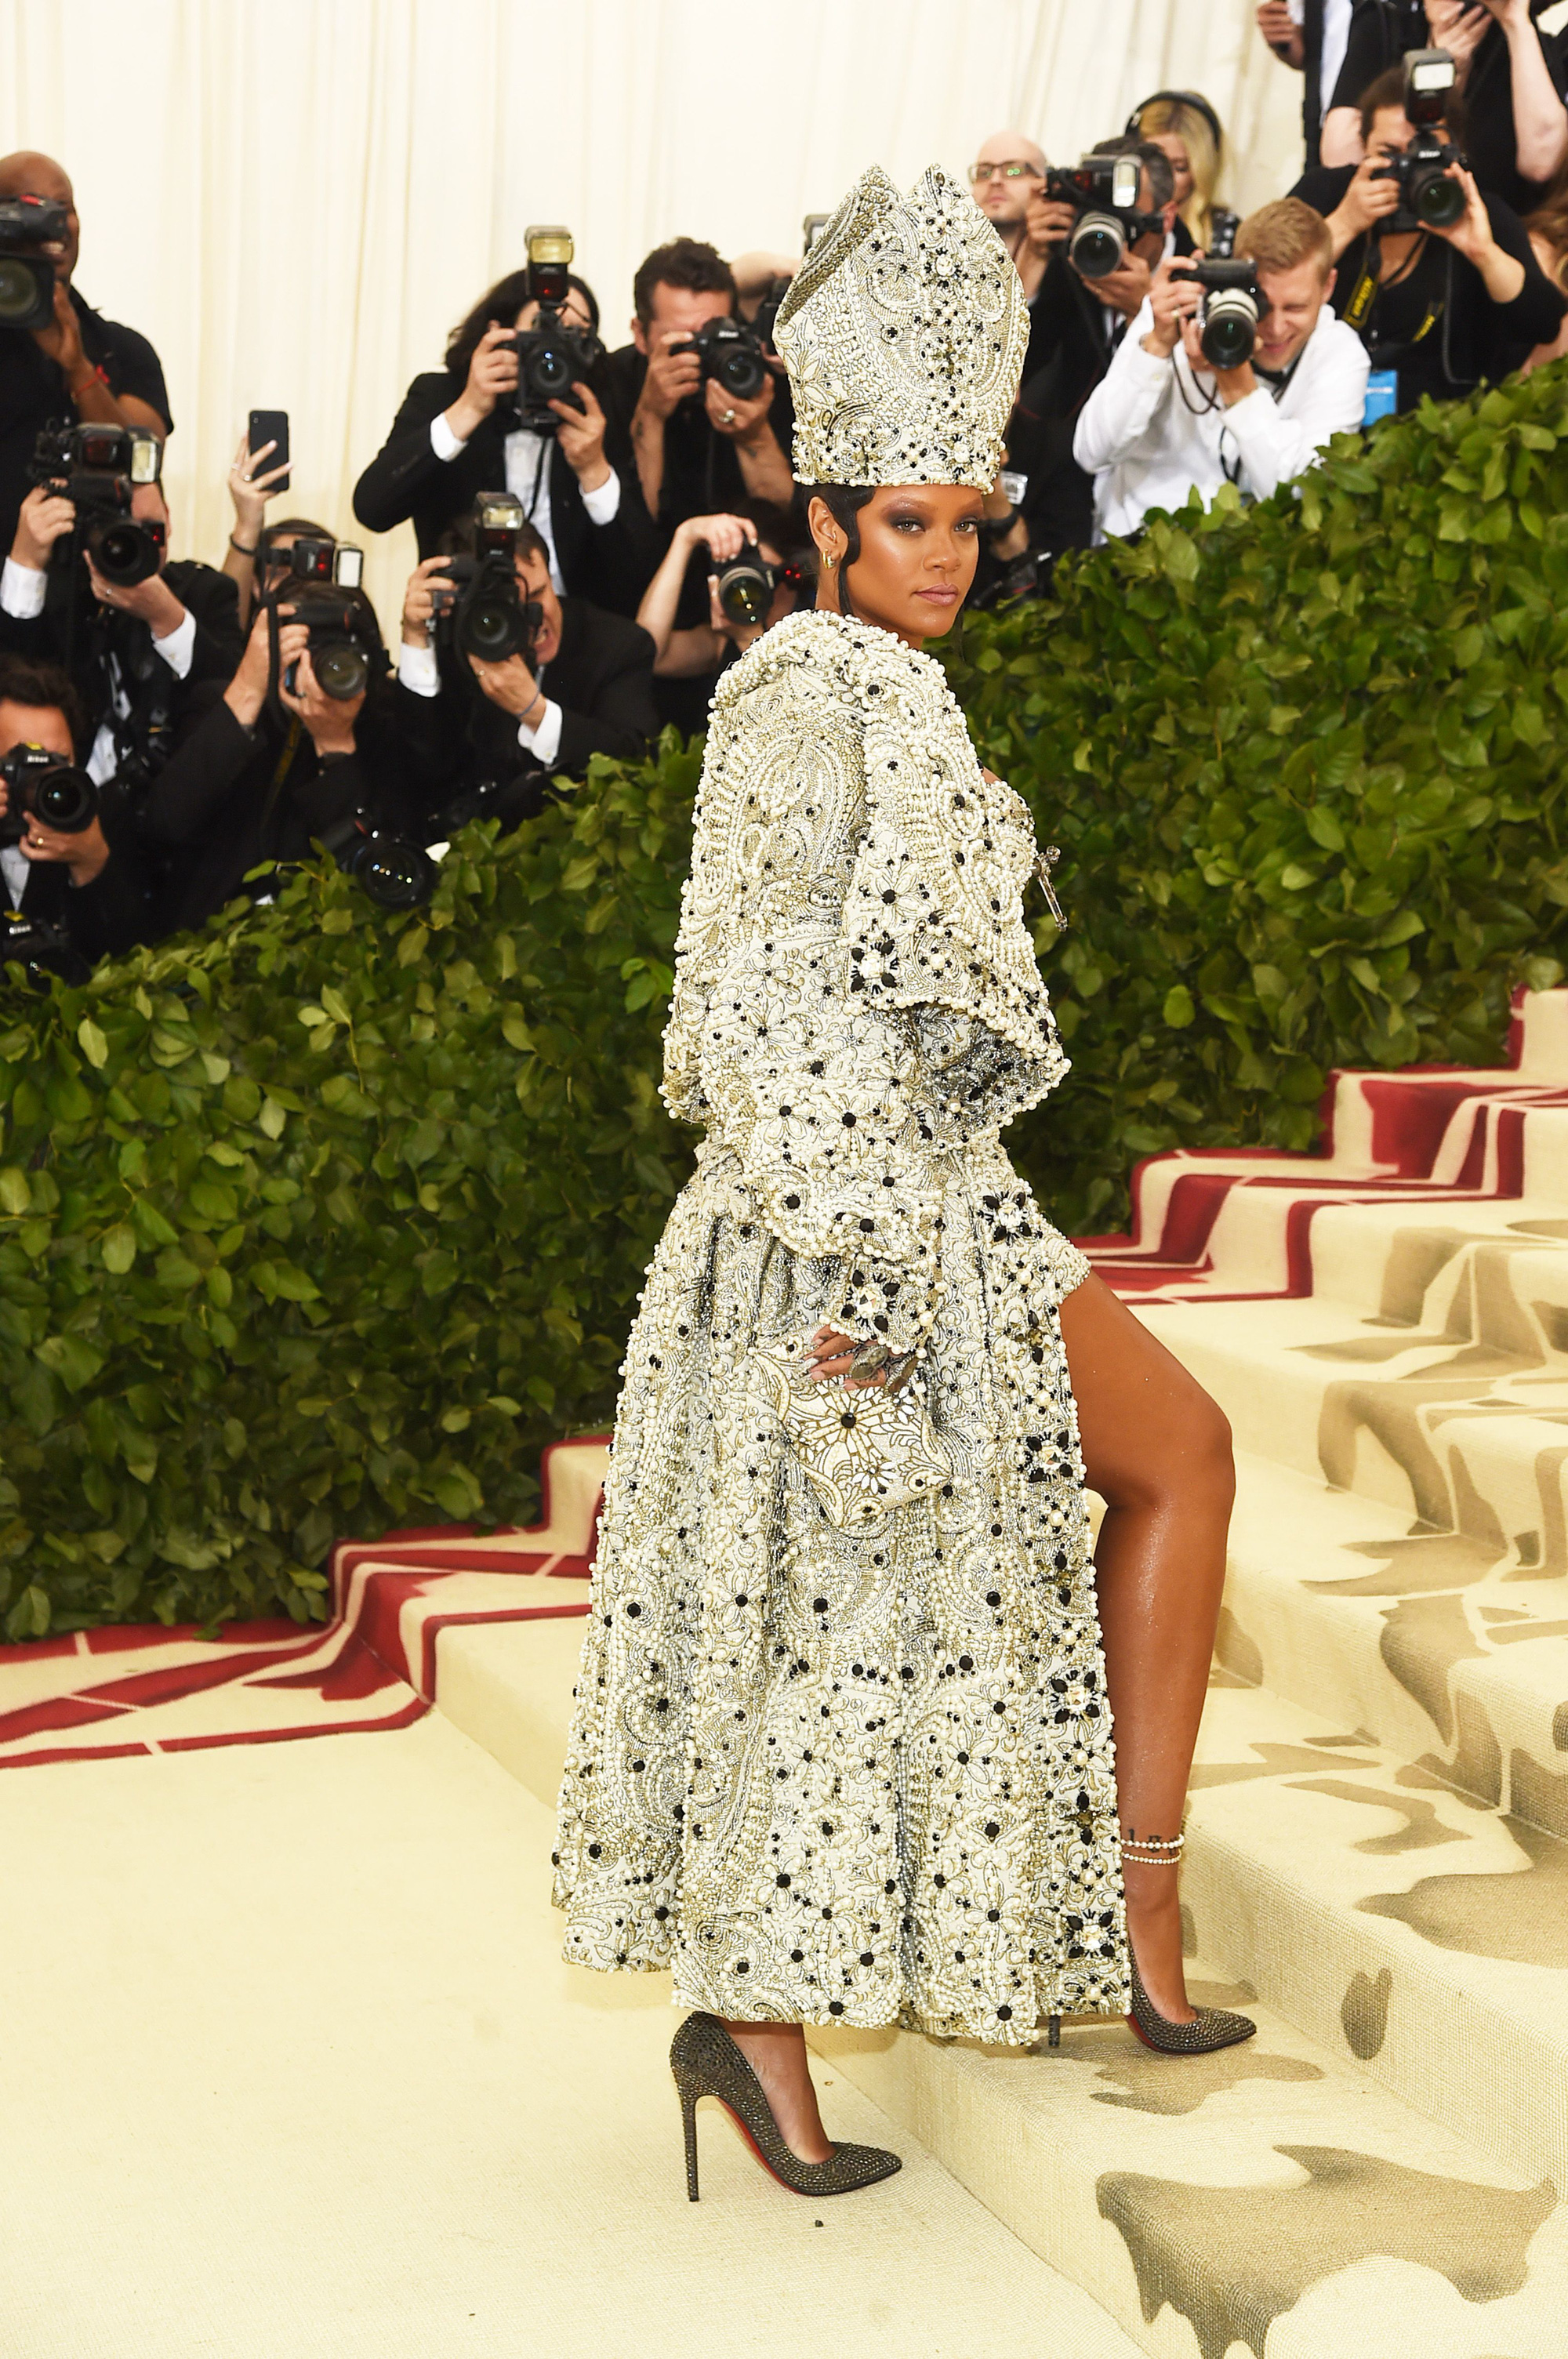 Nữ hoàng thảm đỏ Met Gala: Rihanna - Lady Gaga thi nhau combo độc - dị - lố, choáng nhất là Cardi B phô diễn body với bộ đồ 11 tỷ - Ảnh 4.